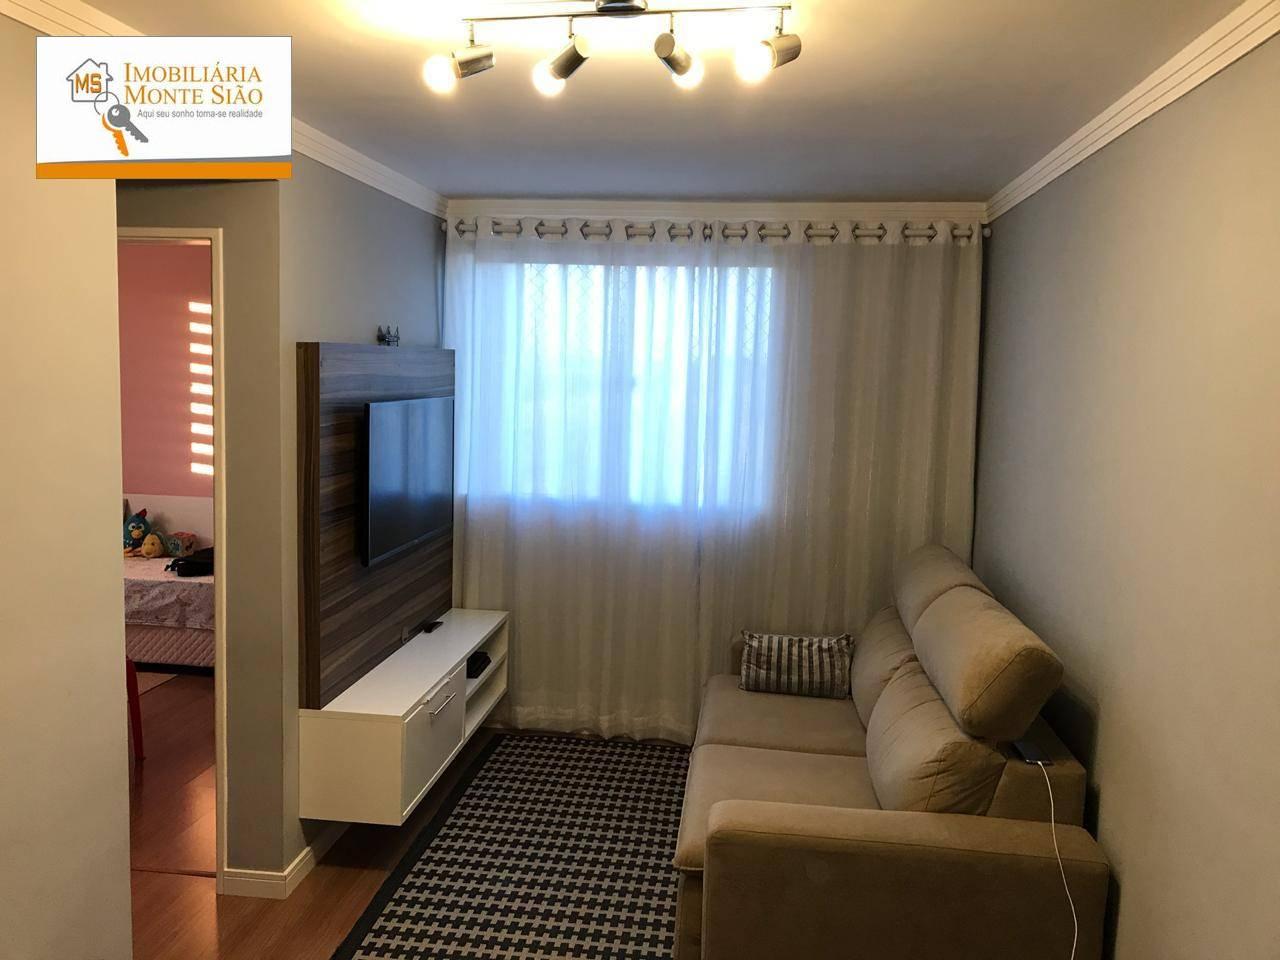 Apartamento com 2 dormitórios à venda, 47 m² por R$ 215.000 - Jardim Presidente Dutra - Guarulhos/SP